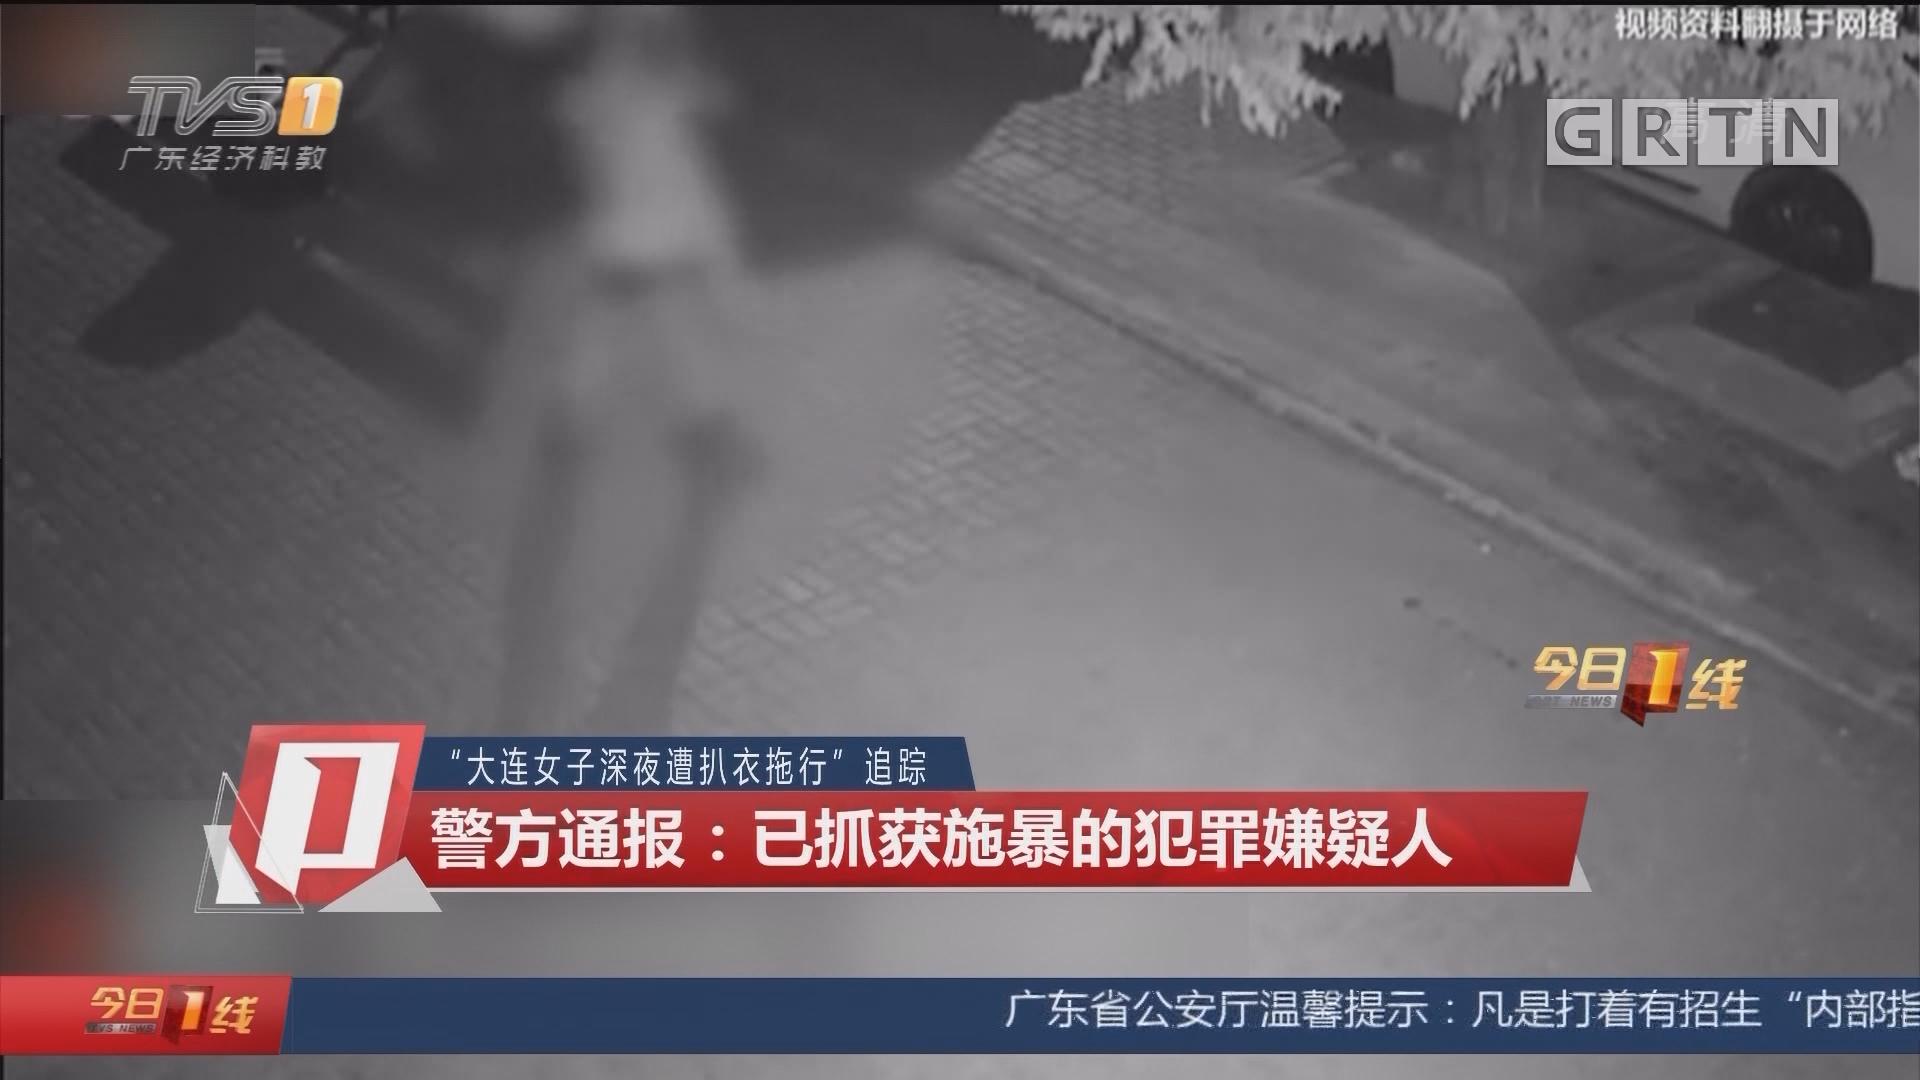 """""""大连女子深夜遭扒衣拖行""""追踪 警方通报:已抓获施暴的犯罪嫌疑人"""